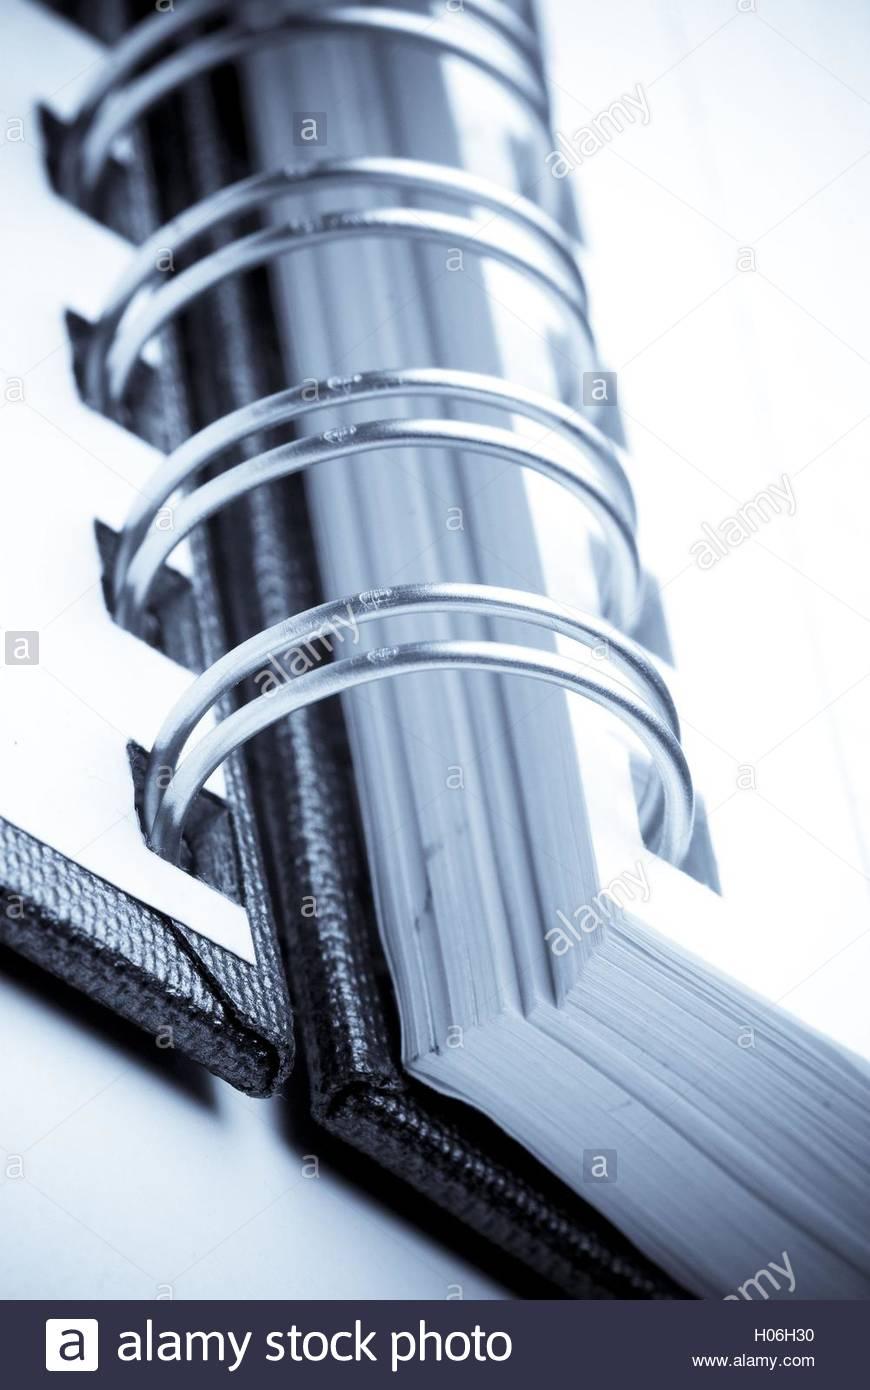 BLWX036666 [ (c) blickwinkel/McPHOTOx/Bernd Leitner Tel. +49 (0)2302-2793220, E-mail: info@blickwinkel.de, Internet: Stock Photo